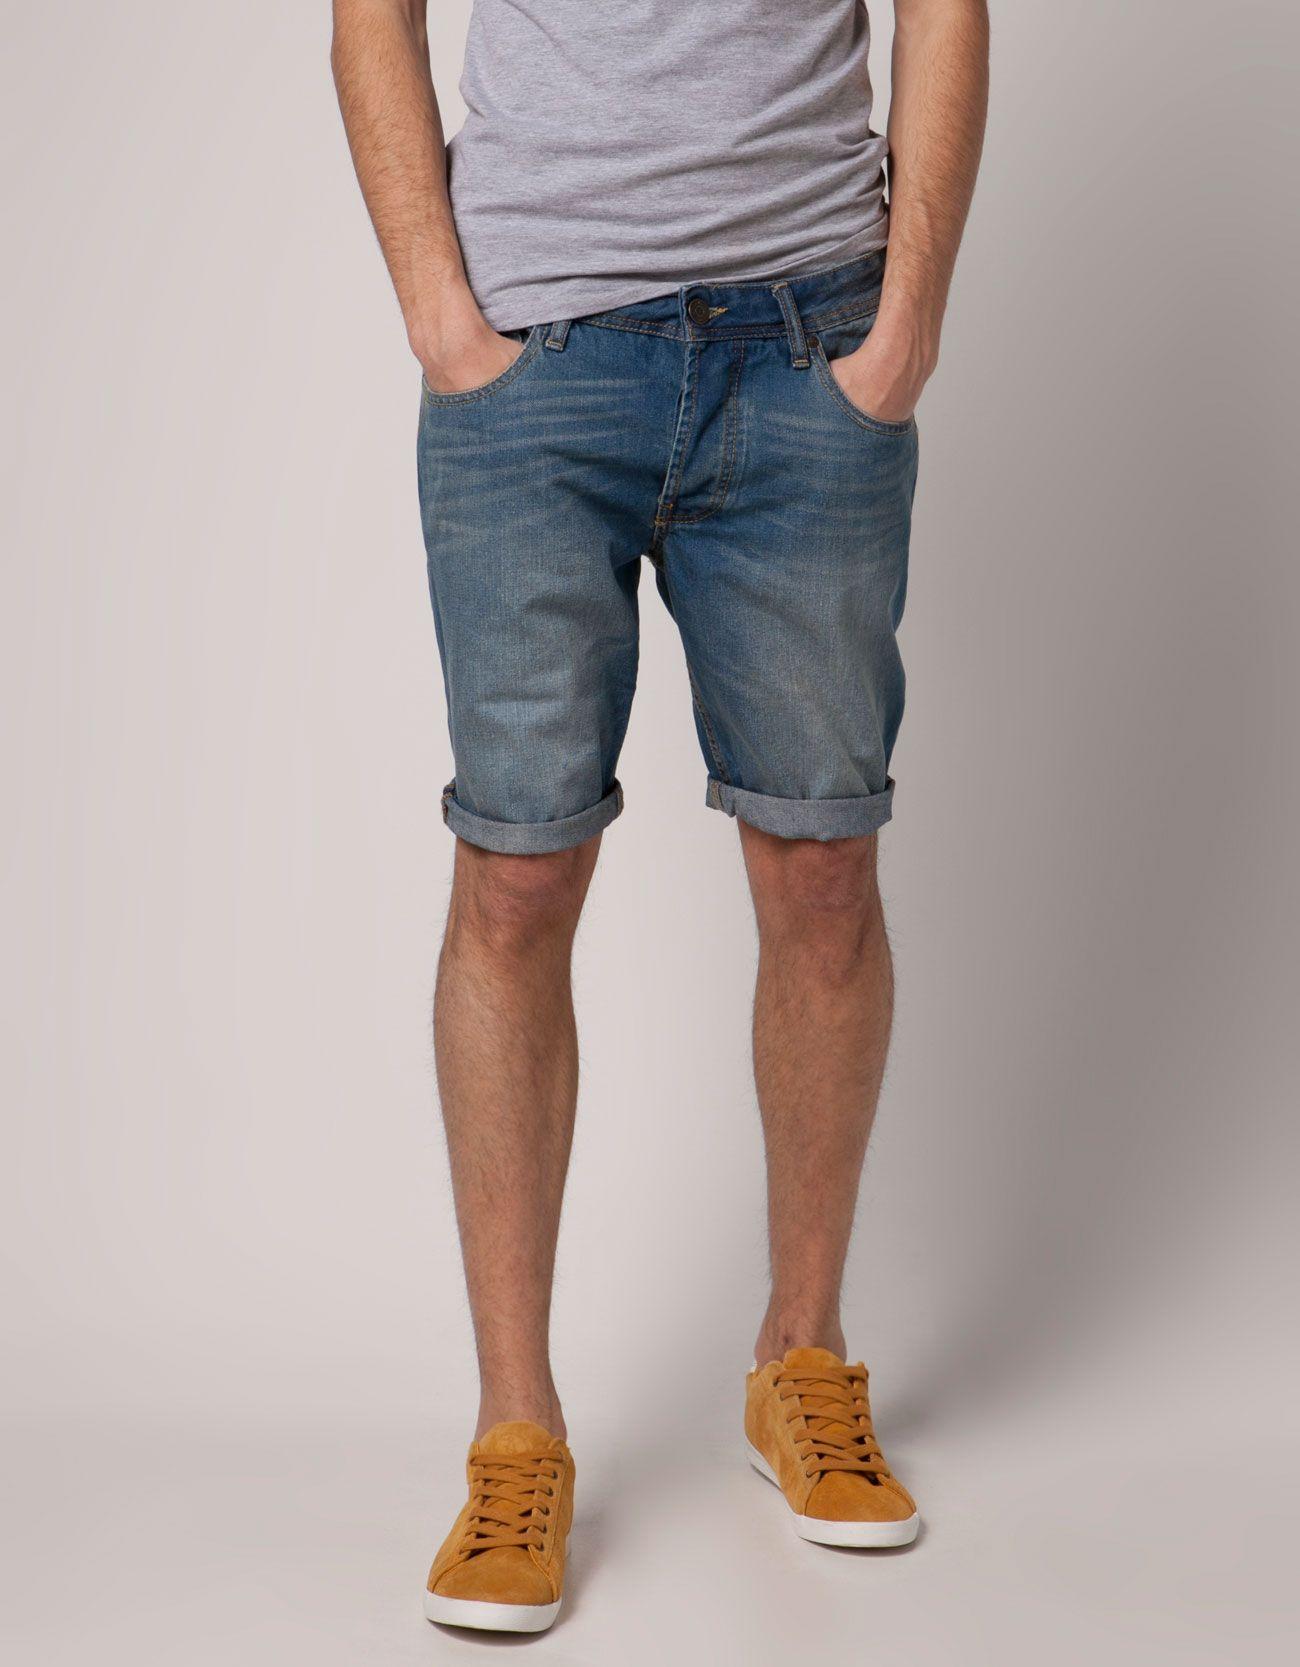 cd10e75ced3aa  19.99 Bermuda jeans (arrechisima)